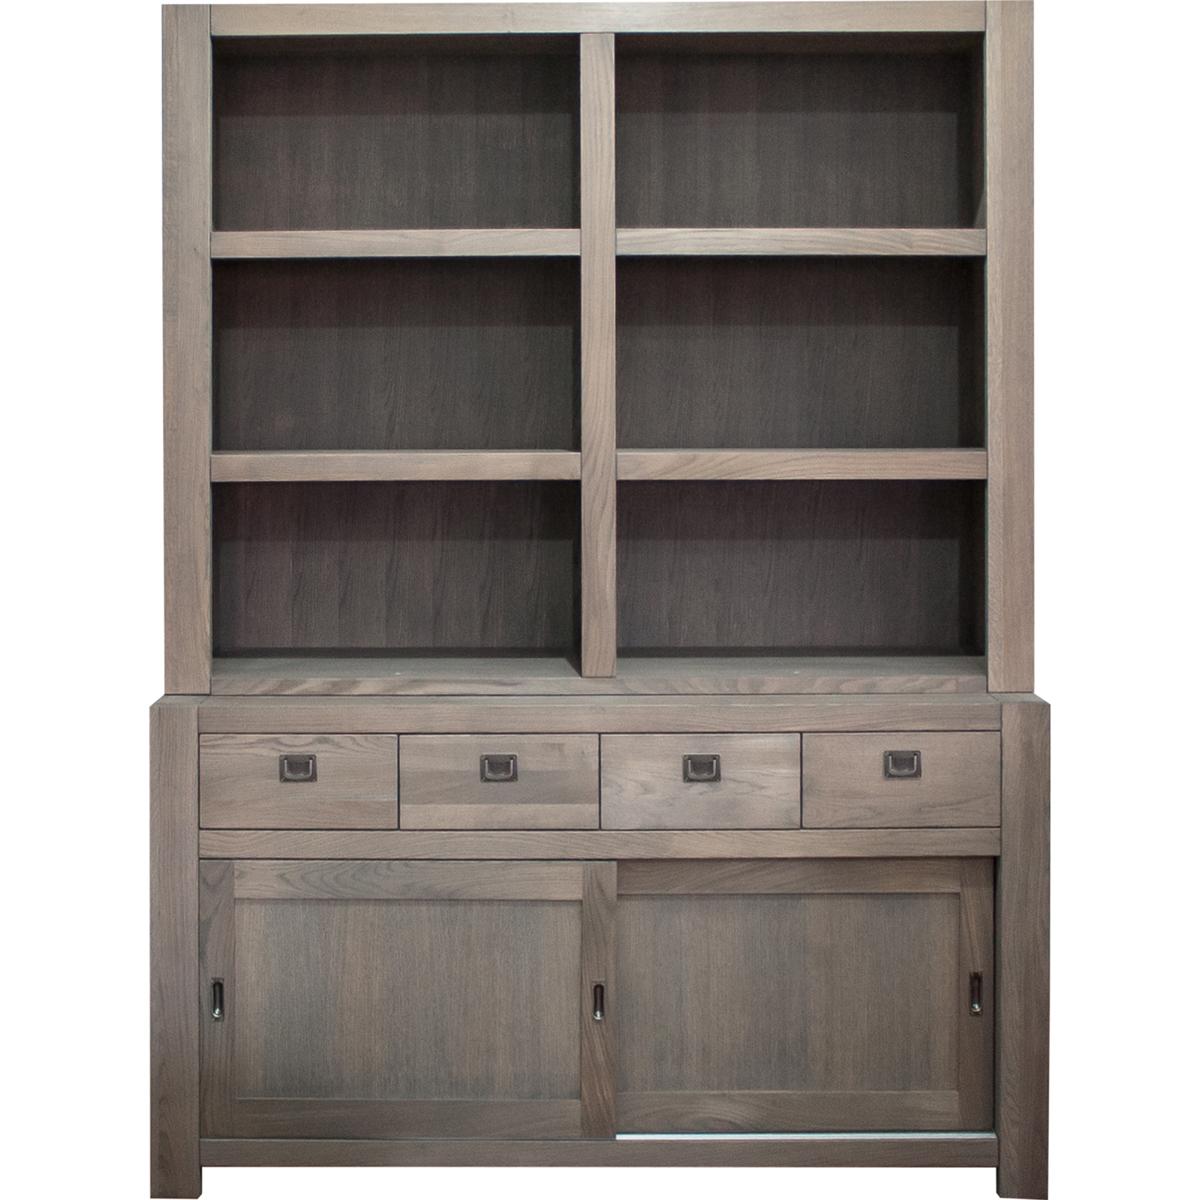 edler buffetschrank tirol unbedingt anschauen jetzt clicken moebel trend 24. Black Bedroom Furniture Sets. Home Design Ideas